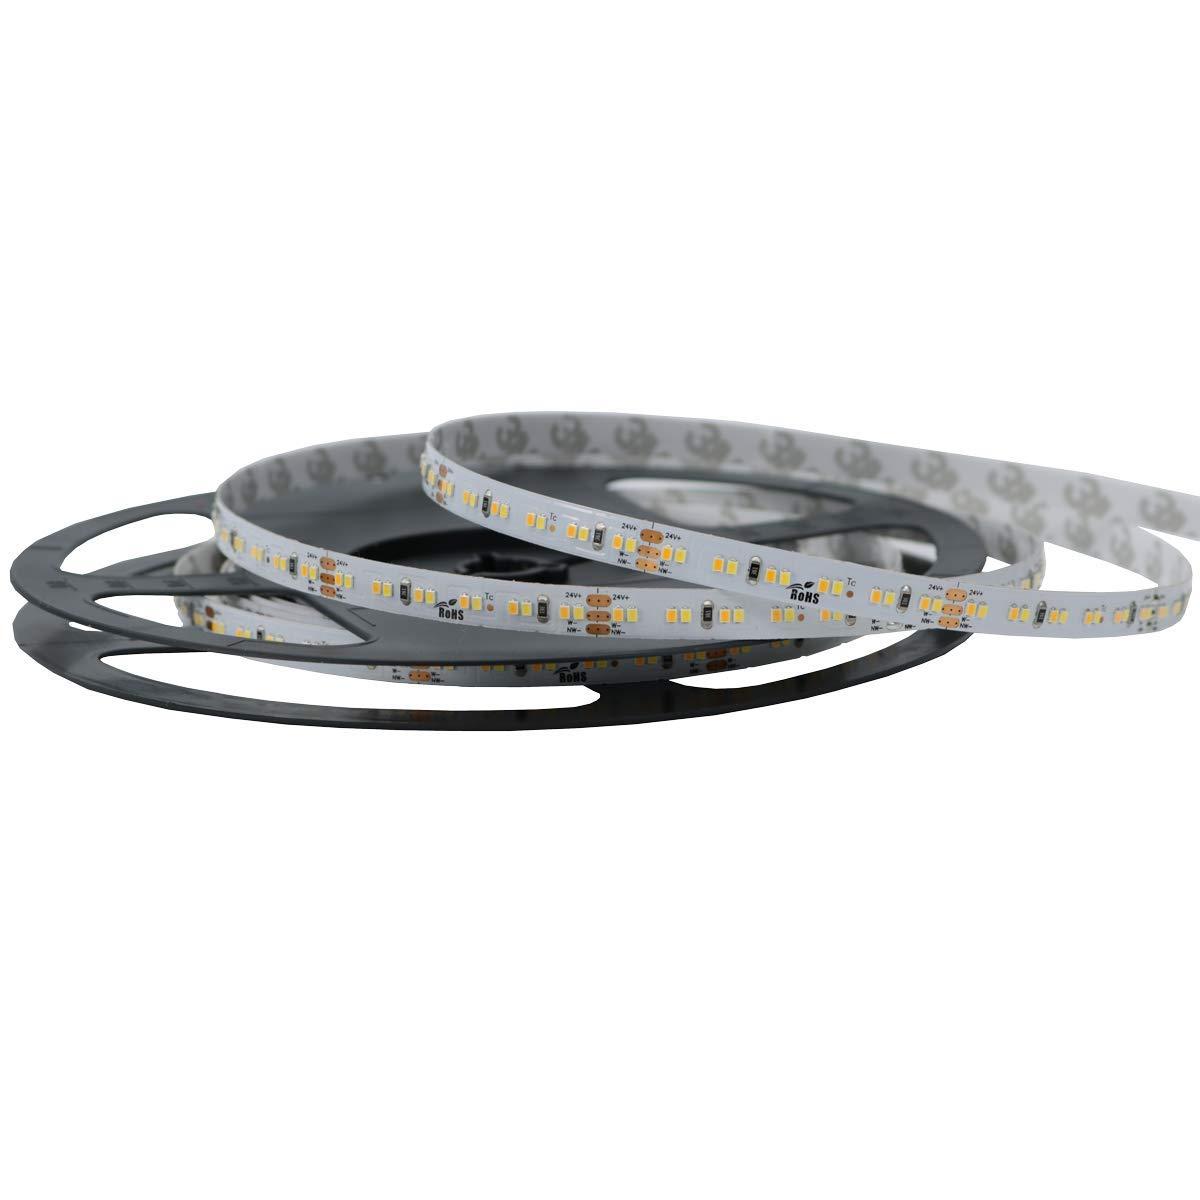 Iluminize LED-Streifen duo-weiß  sehr hochwertiger LED-Streifen duo-weiß (2700K-6000K) mit 240 LEDs pro Meter, Ra 90, hoch selektiert, 24V, 19,2W pro Meter, 5 m auf Rolle (IP33)